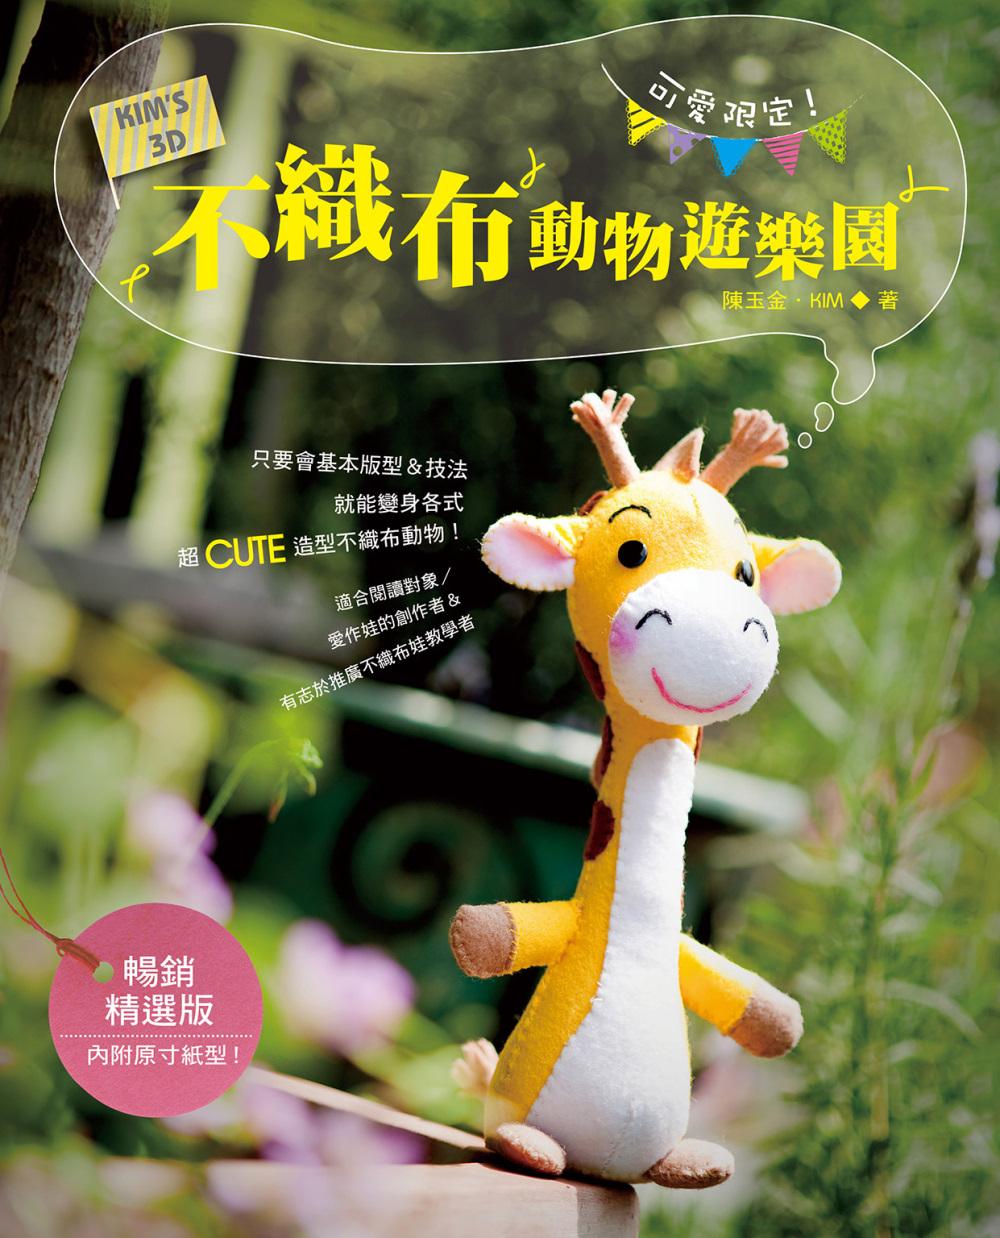 可愛限定^!KIM'S 3D不織布動物遊樂園^(暢銷 版^)